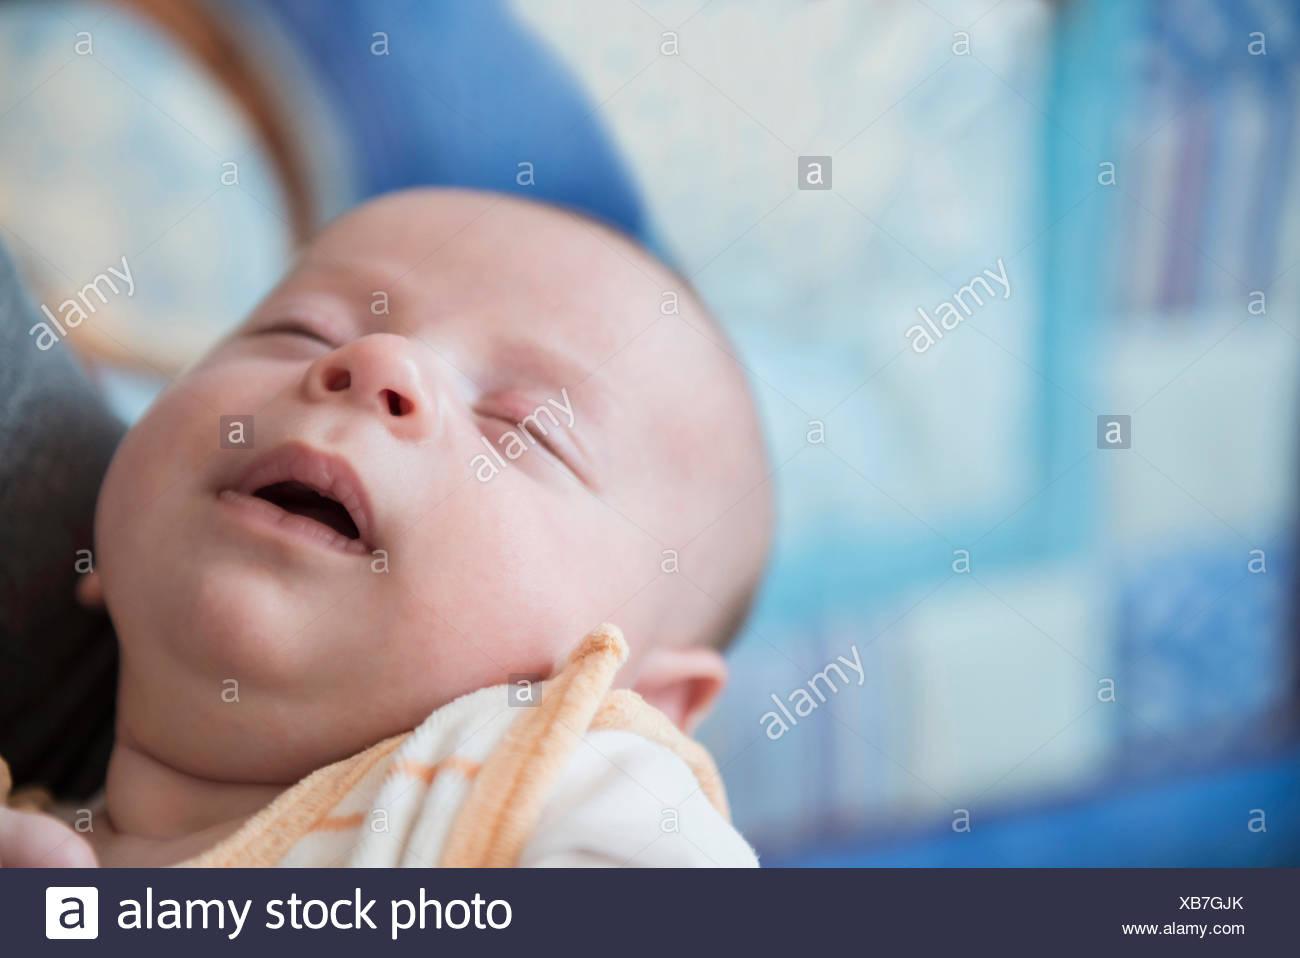 Bébé garçon dormir dans les bras du père, Close up Photo Stock